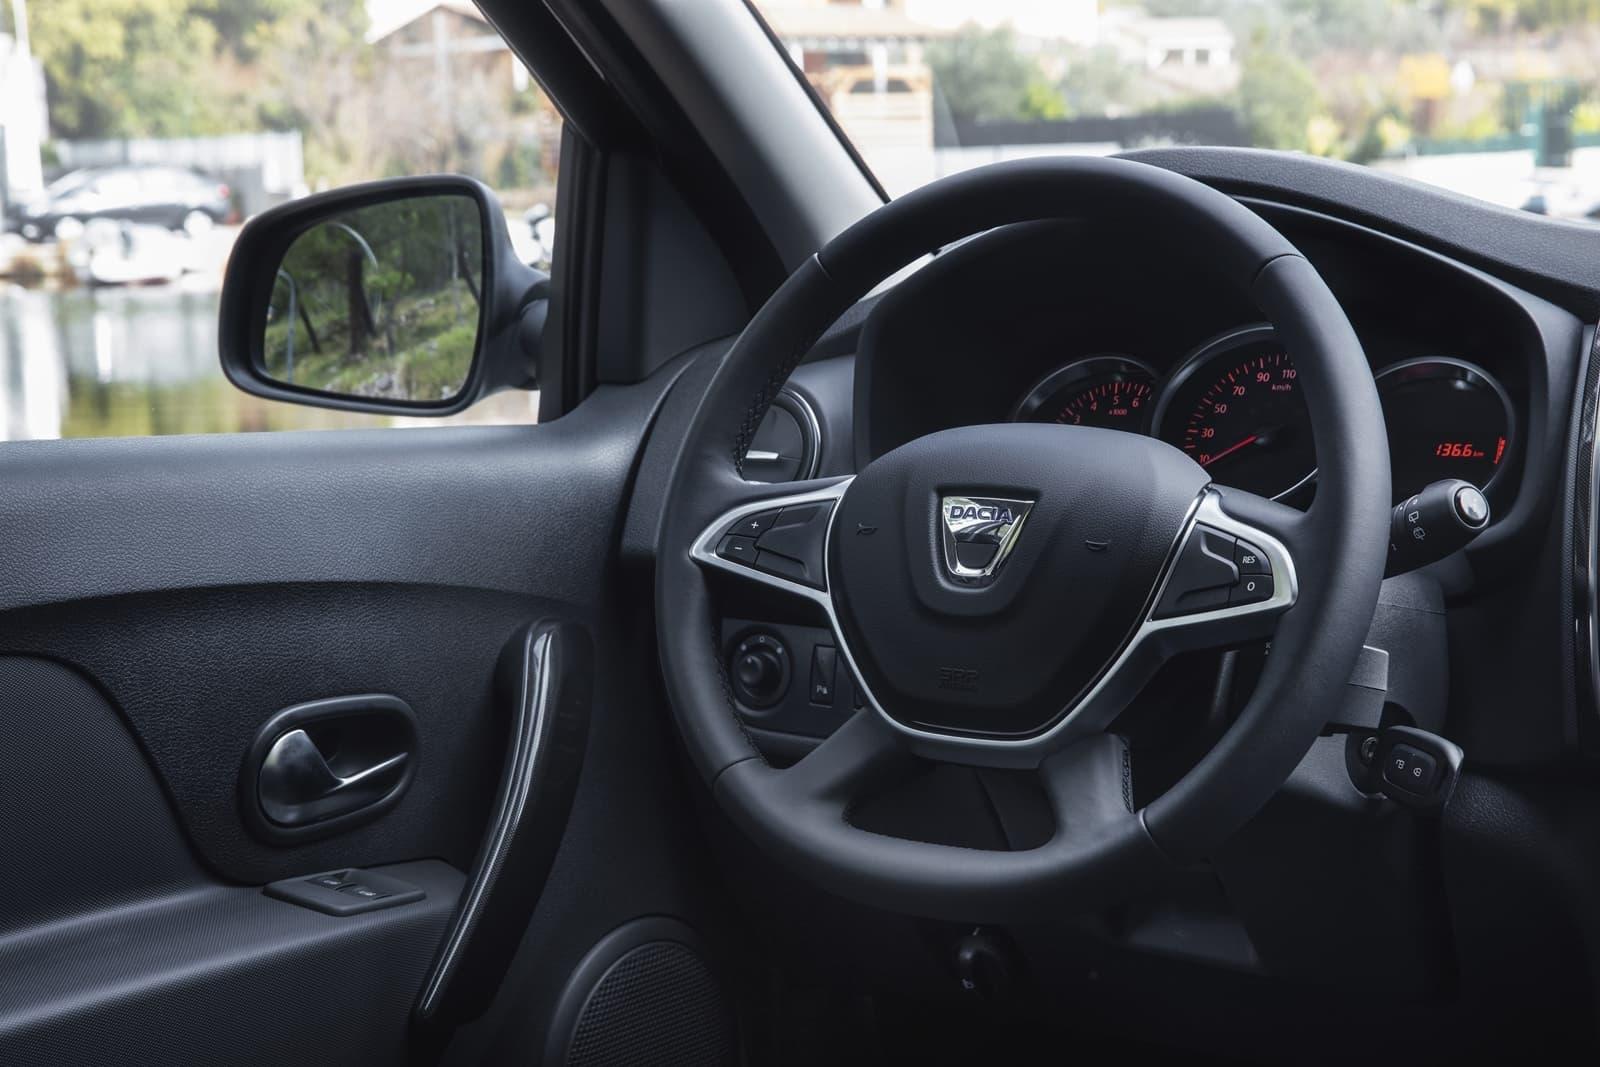 Dacia Sandero 0119 Ficha 027